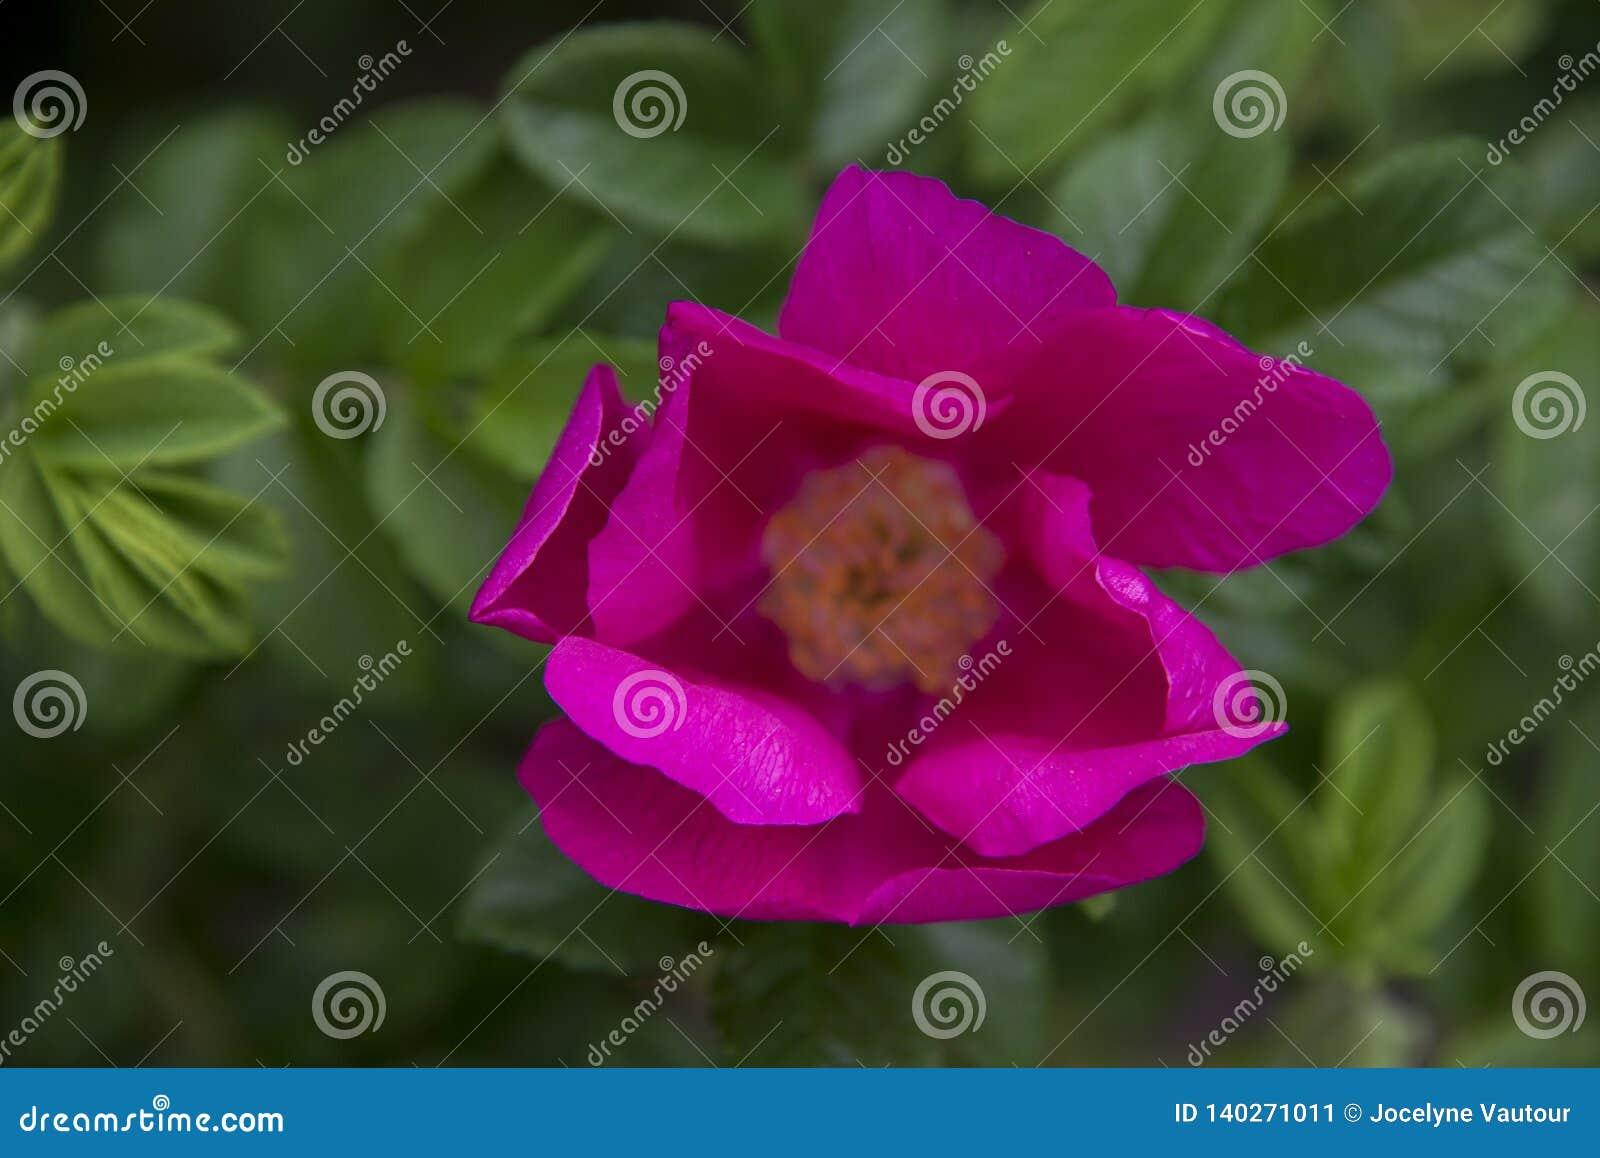 Pinkfarbene Blumenblätter von einer wilden Rose